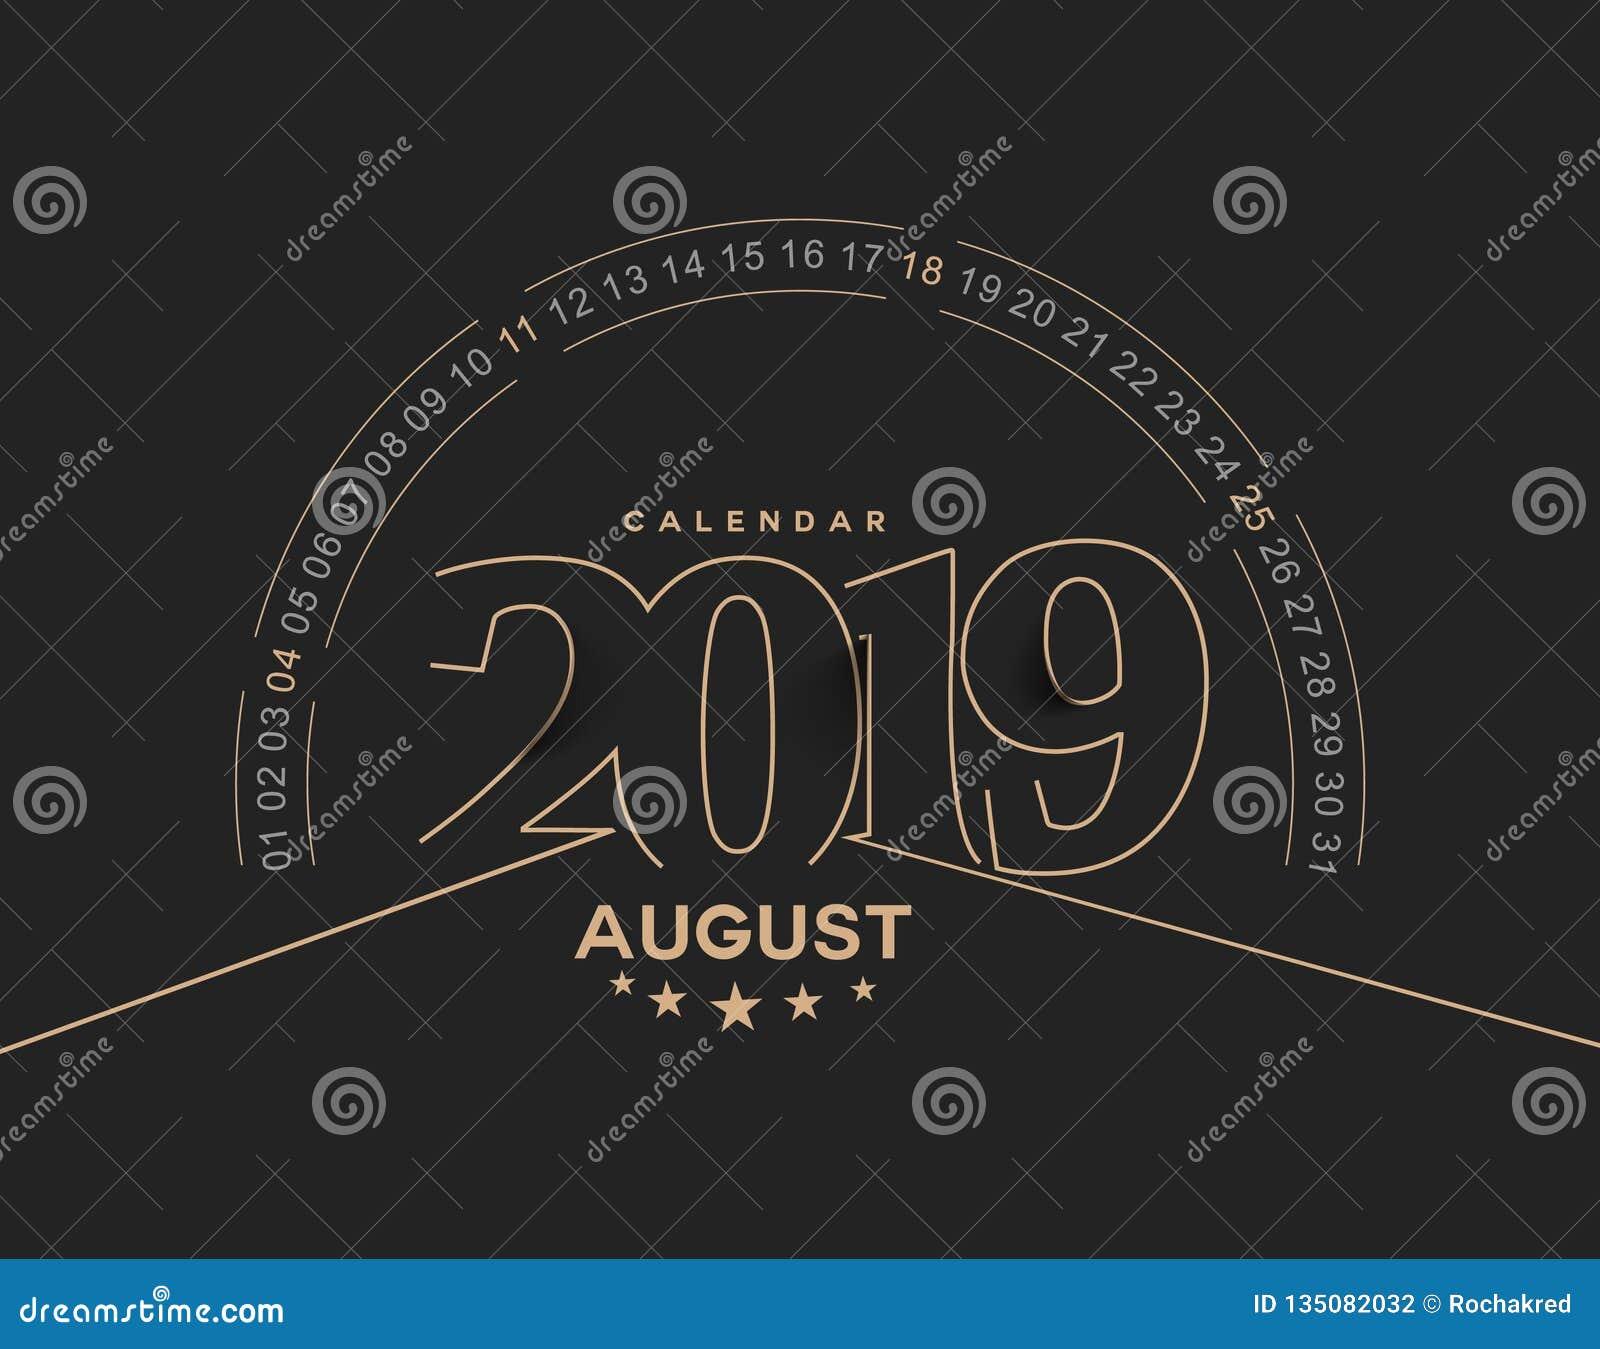 Szczęśliwy nowy rok 2019 Sierpień Kalendarzowy - nowego roku projekta Wakacyjni elementy dla wakacje kart, kalendarzowy sztandaru